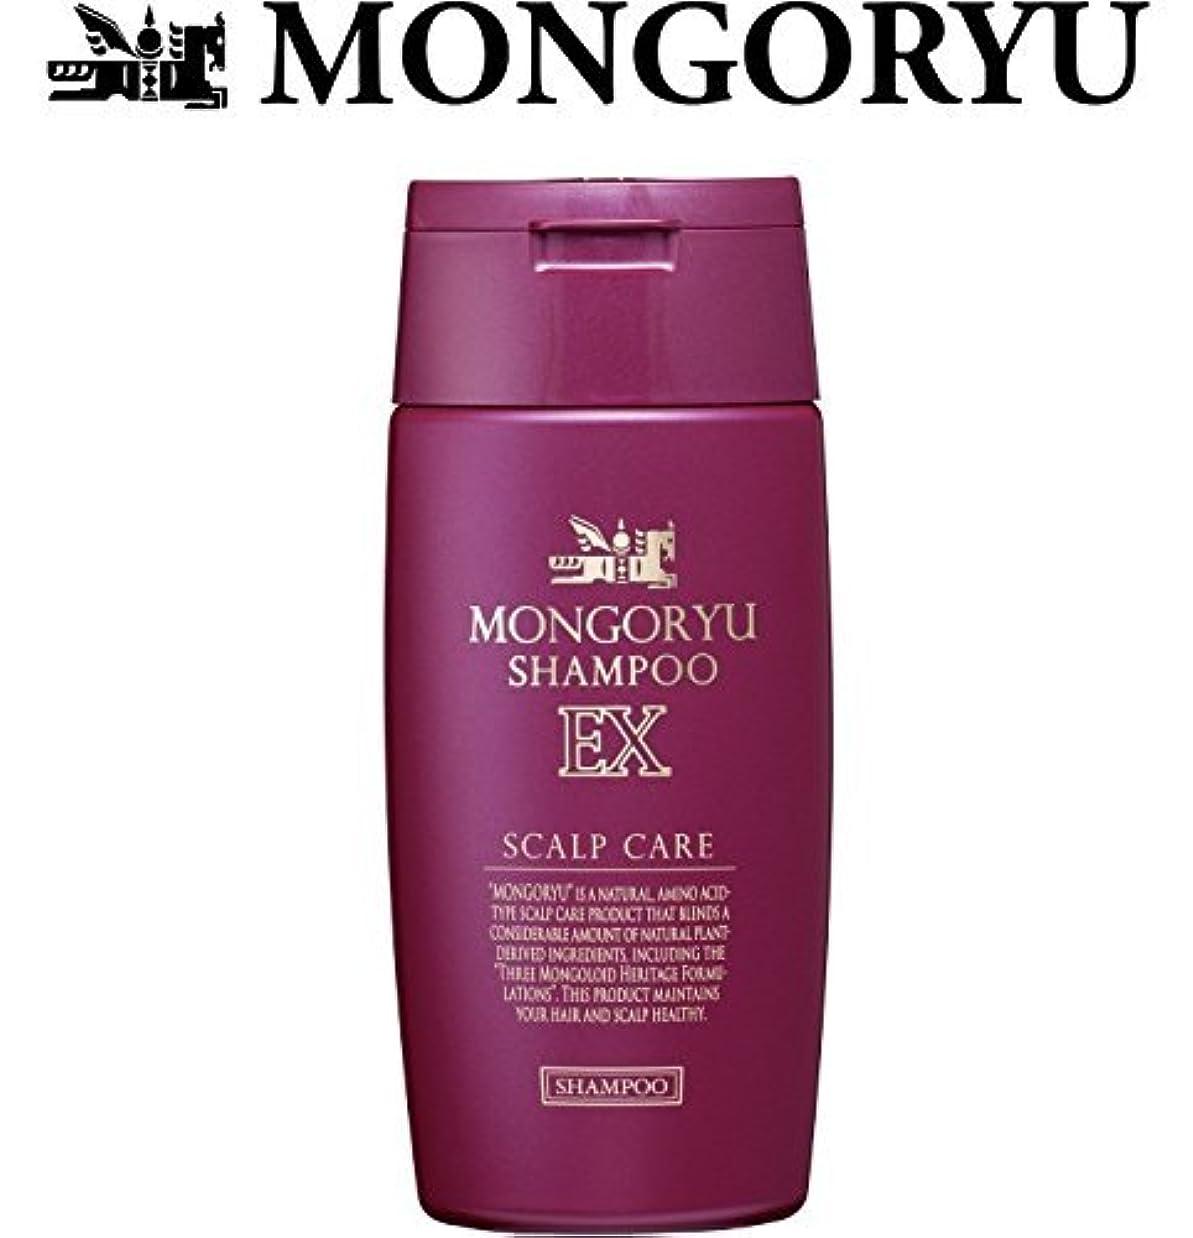 モンゴ流 スカルプシャンプーEX 200ml / 【2018年 リニューアル最新版】 フレッシュライムの香り MONGORYU